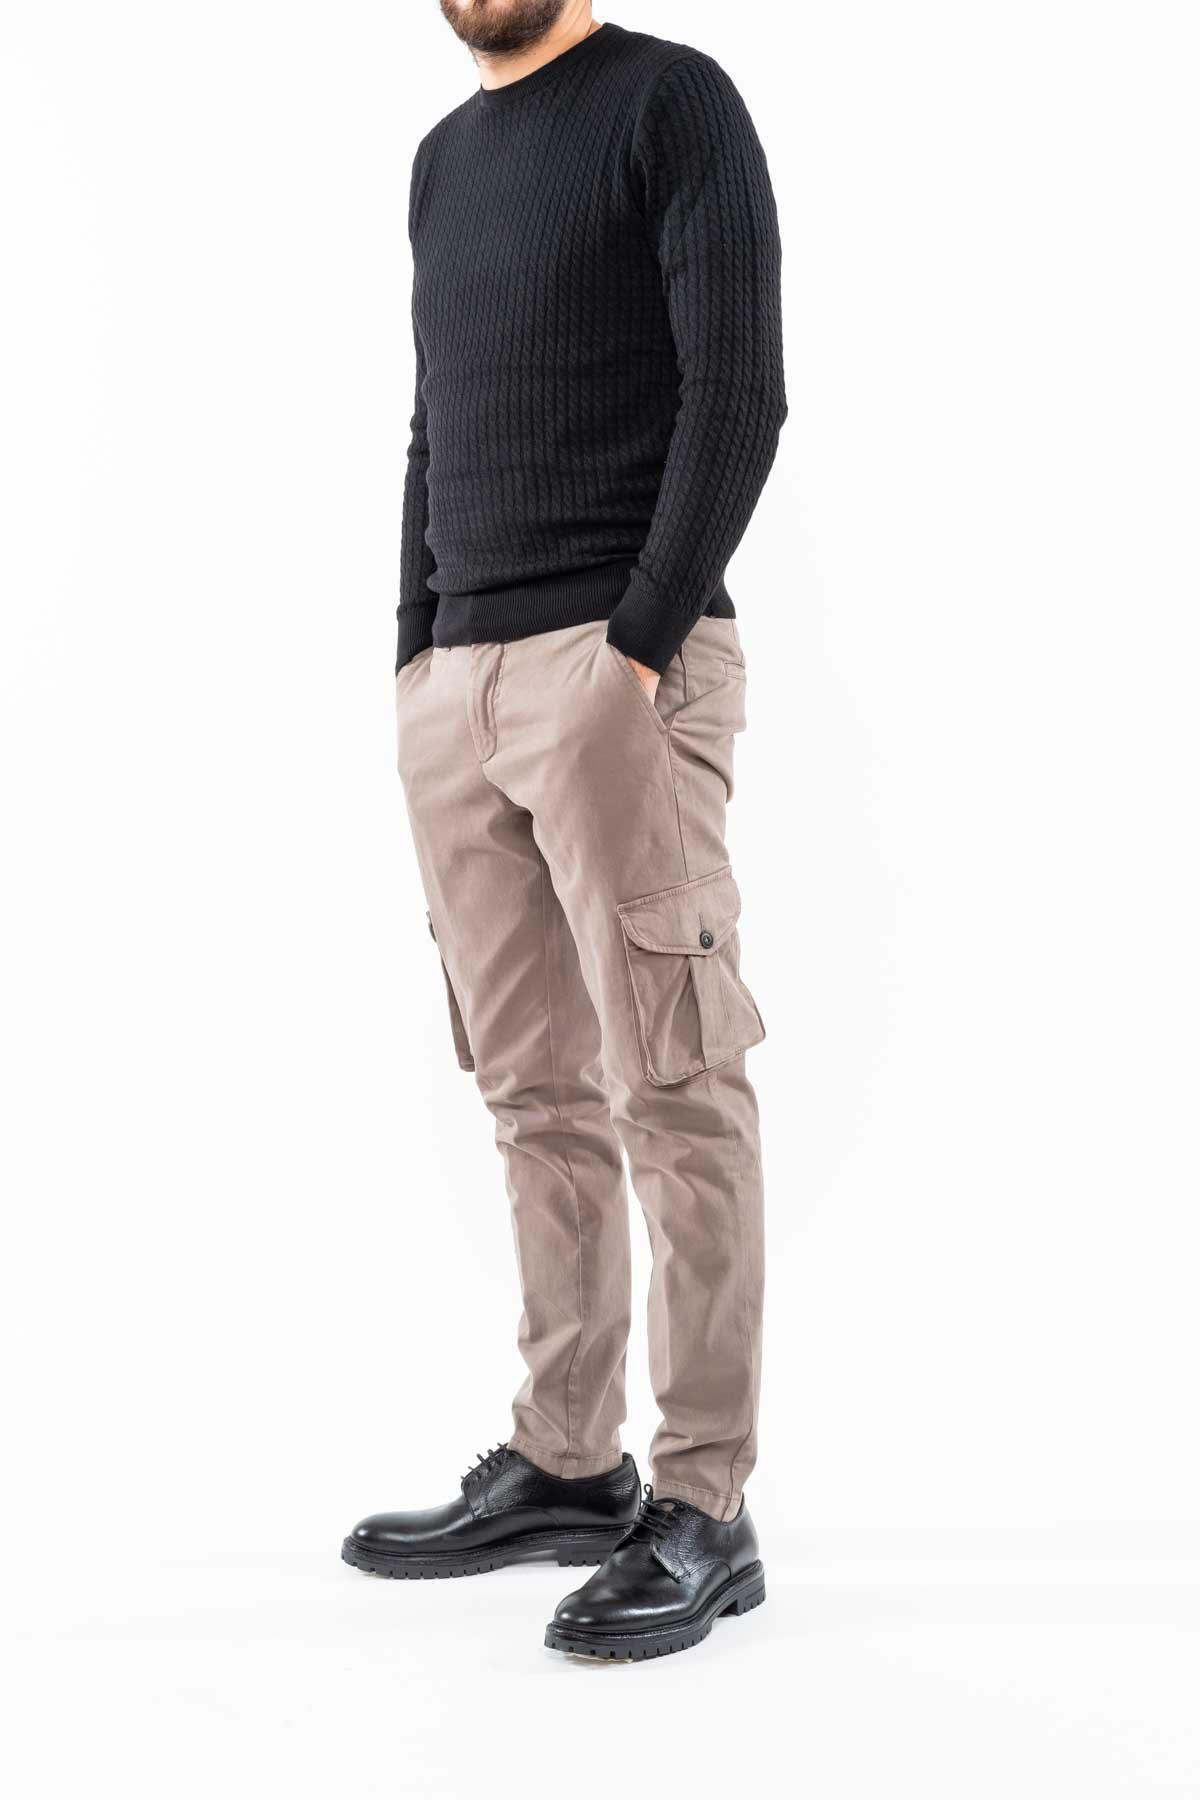 pantalone,fango